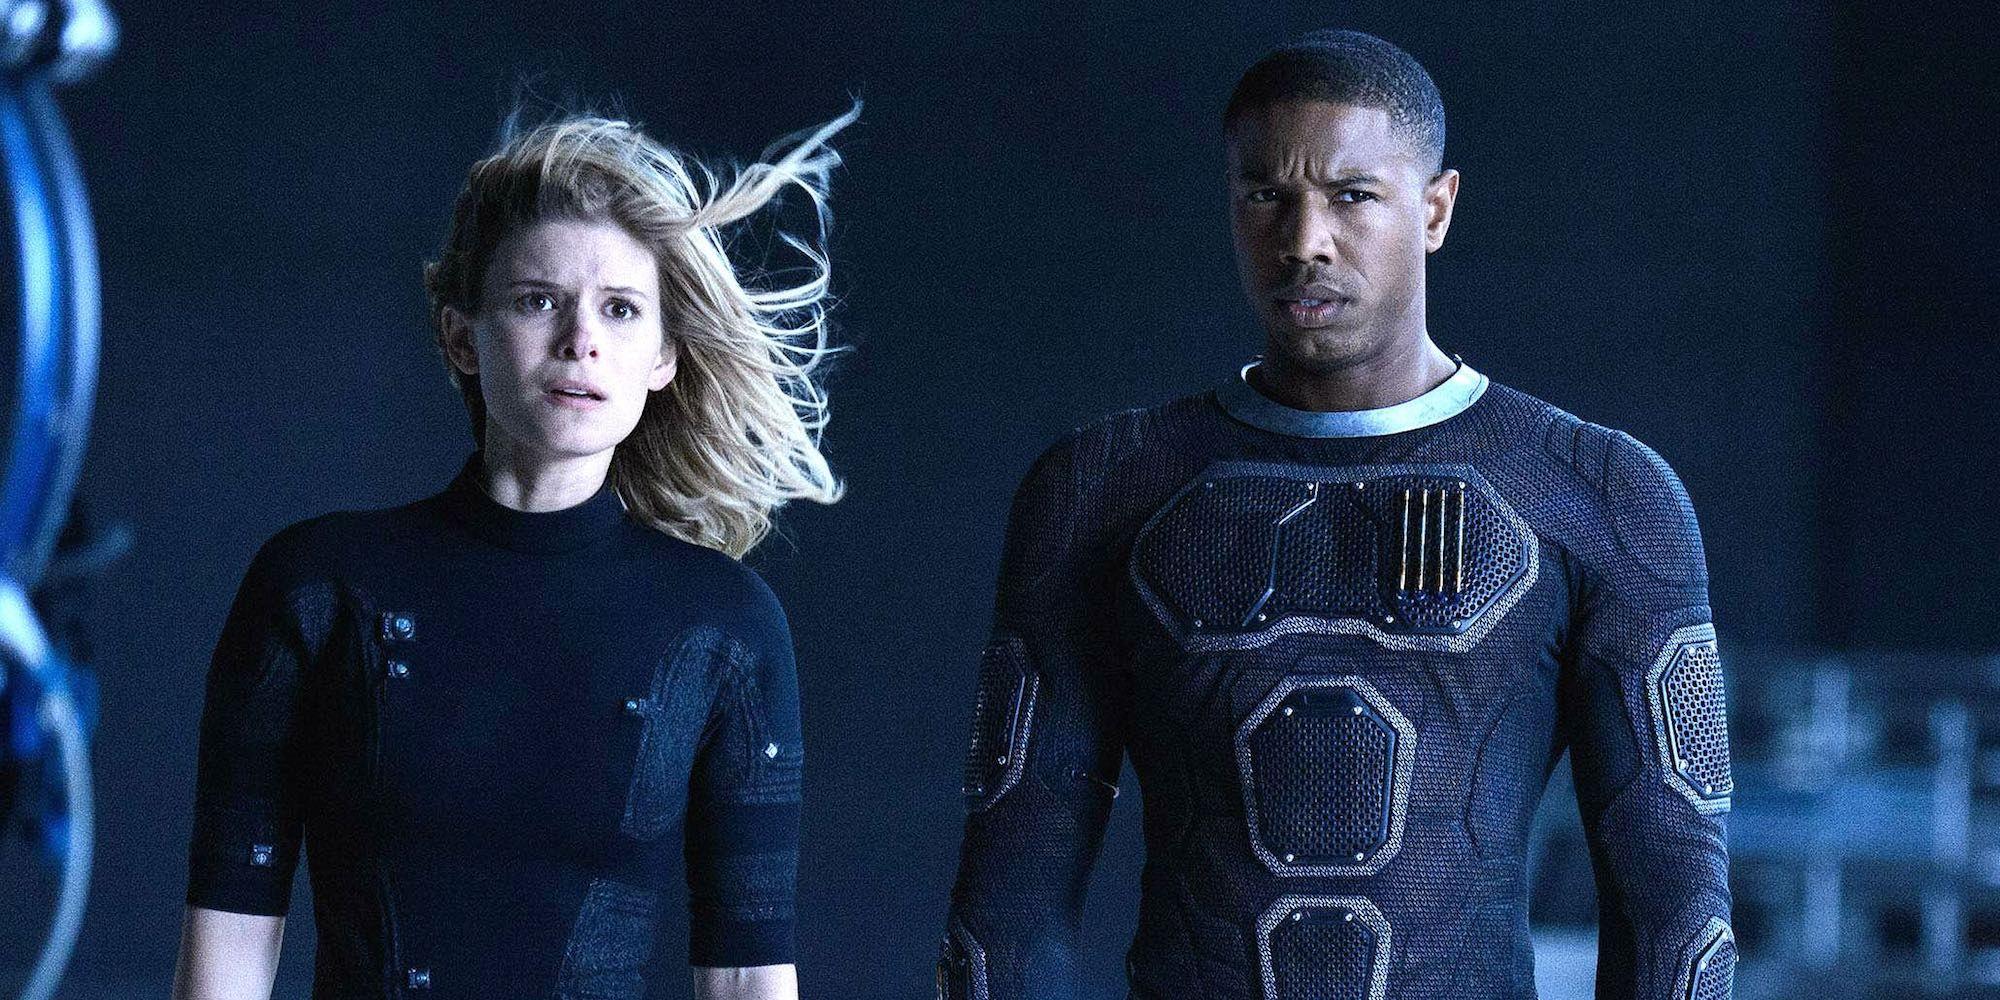 Fantastic Four: Fox rechazó casting de Sue Storm afroamericana, el rol interpretado por Kate Mara